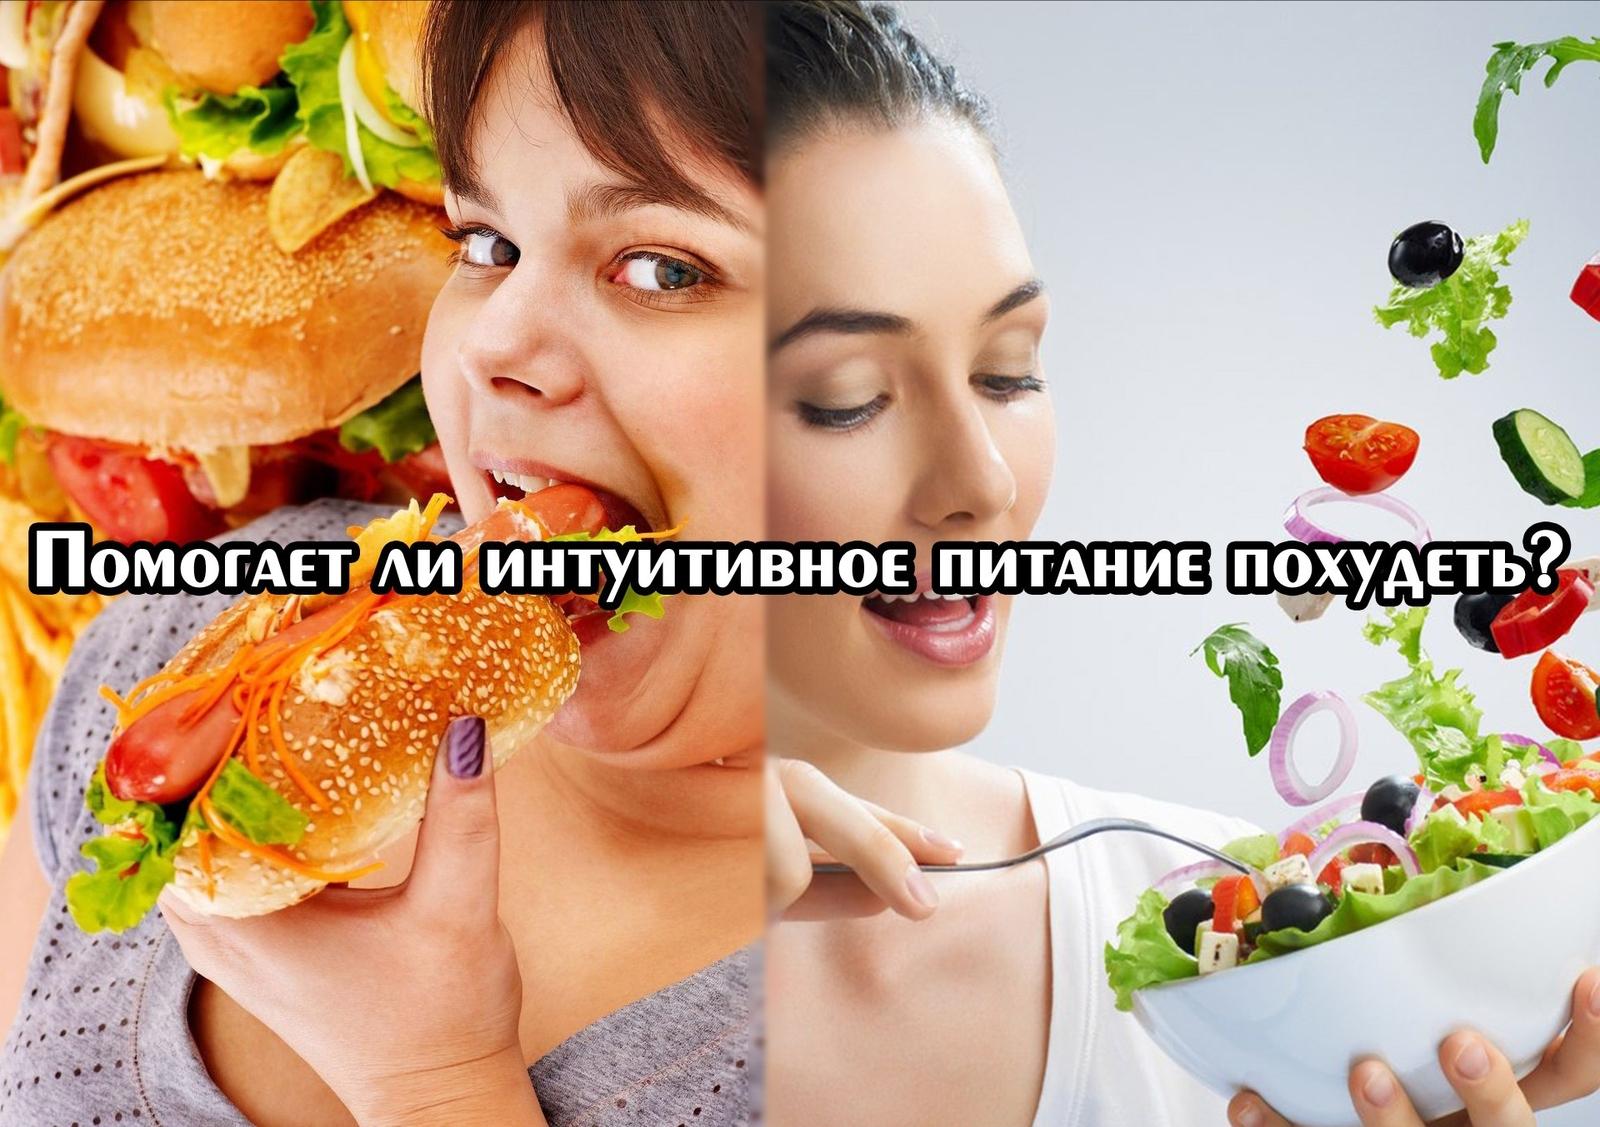 Вся правда об интуитивном питании: почему не стоит есть все подряд